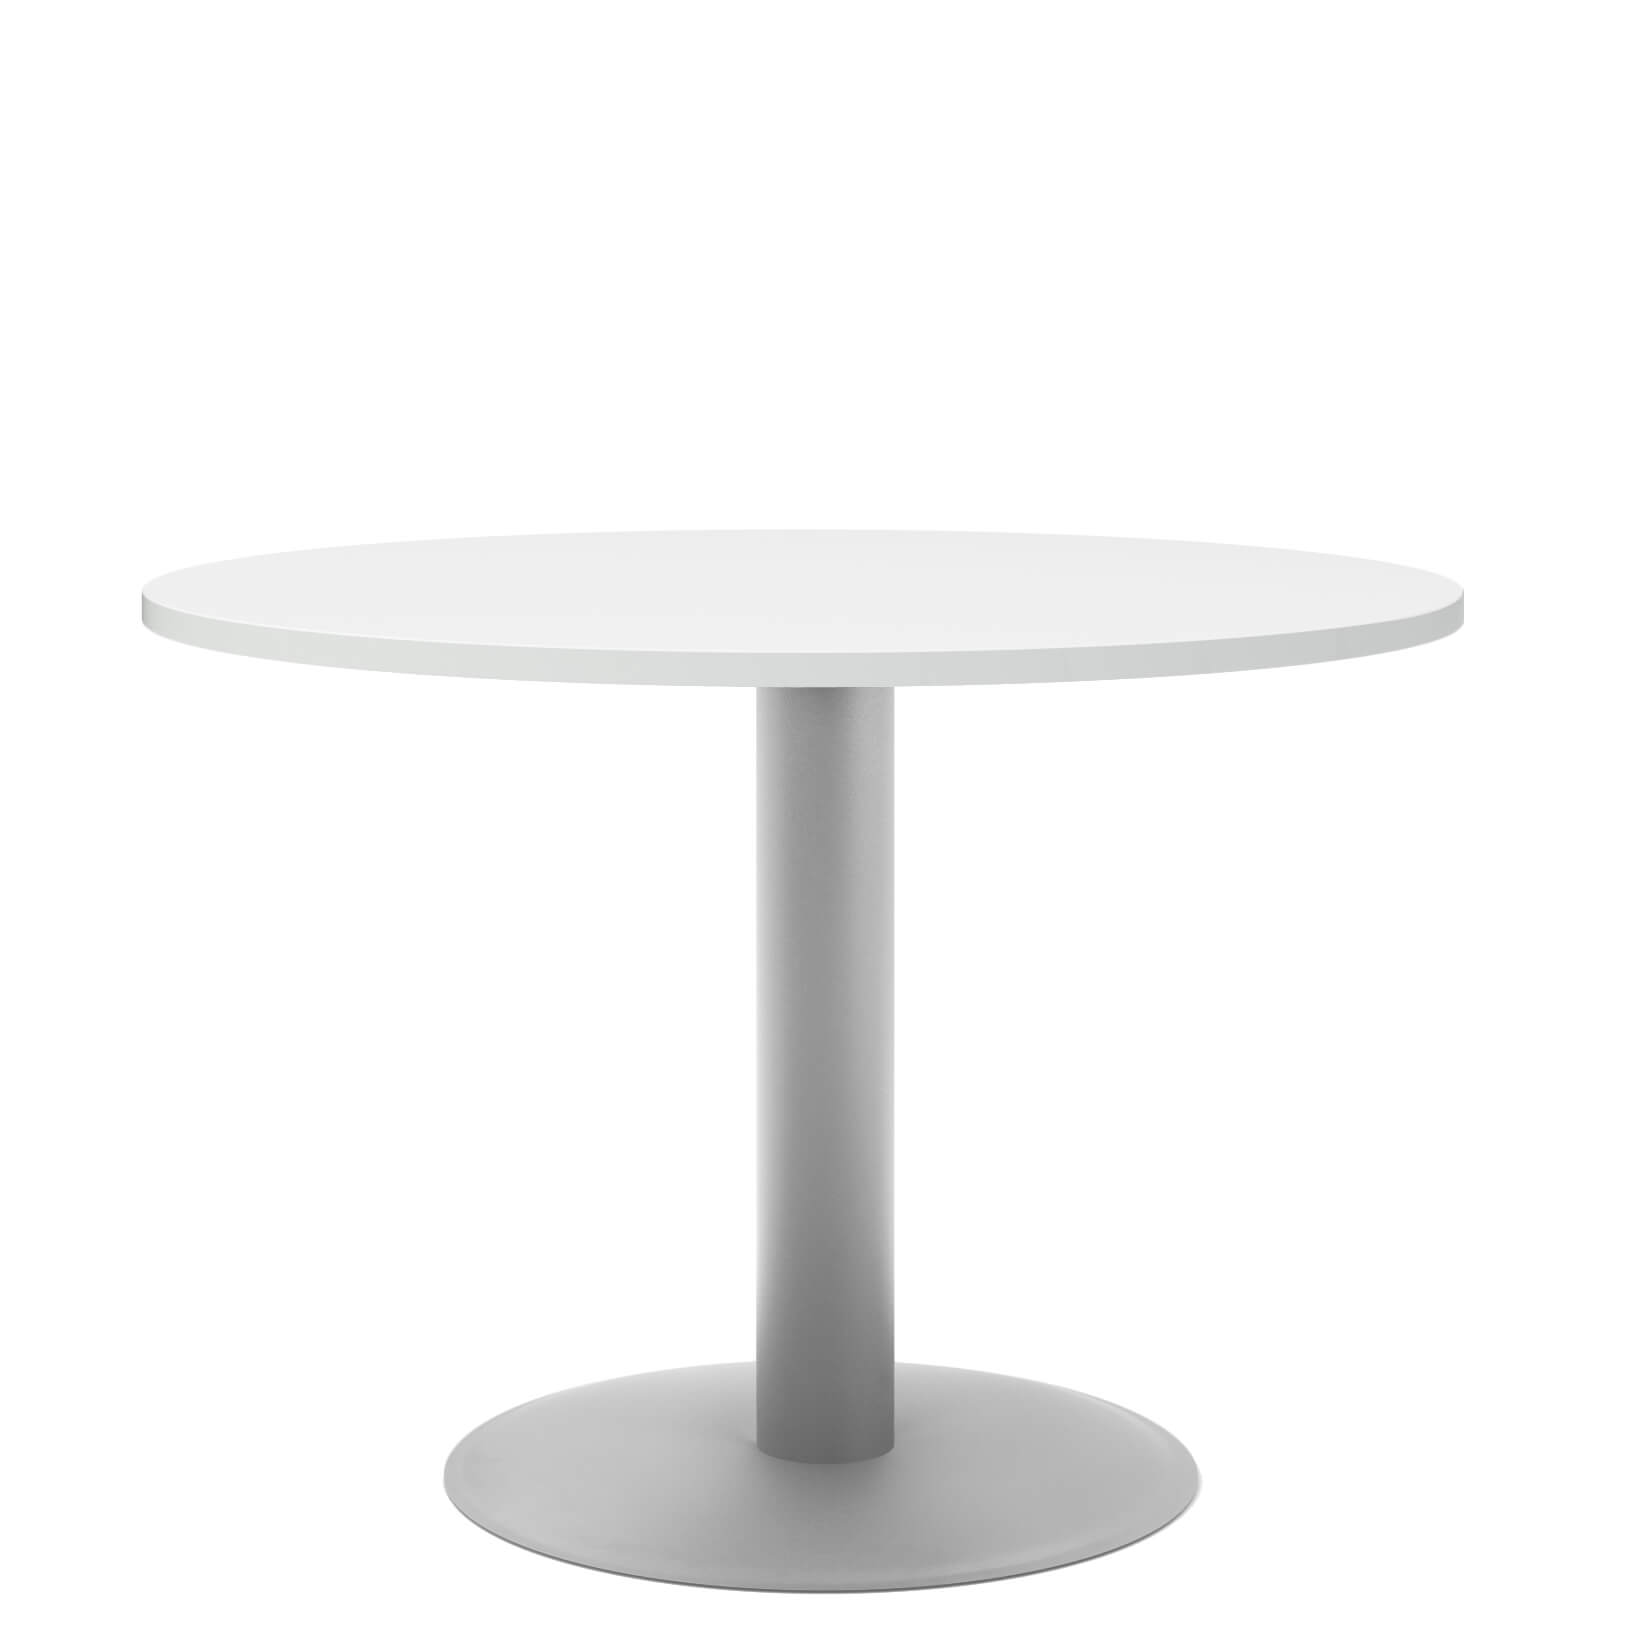 Runder Konferenztisch 6 Personen.Optima Runder Besprechungstisch Esstisch Küchentisch Tisch Weiß Rund ø 100 Cm